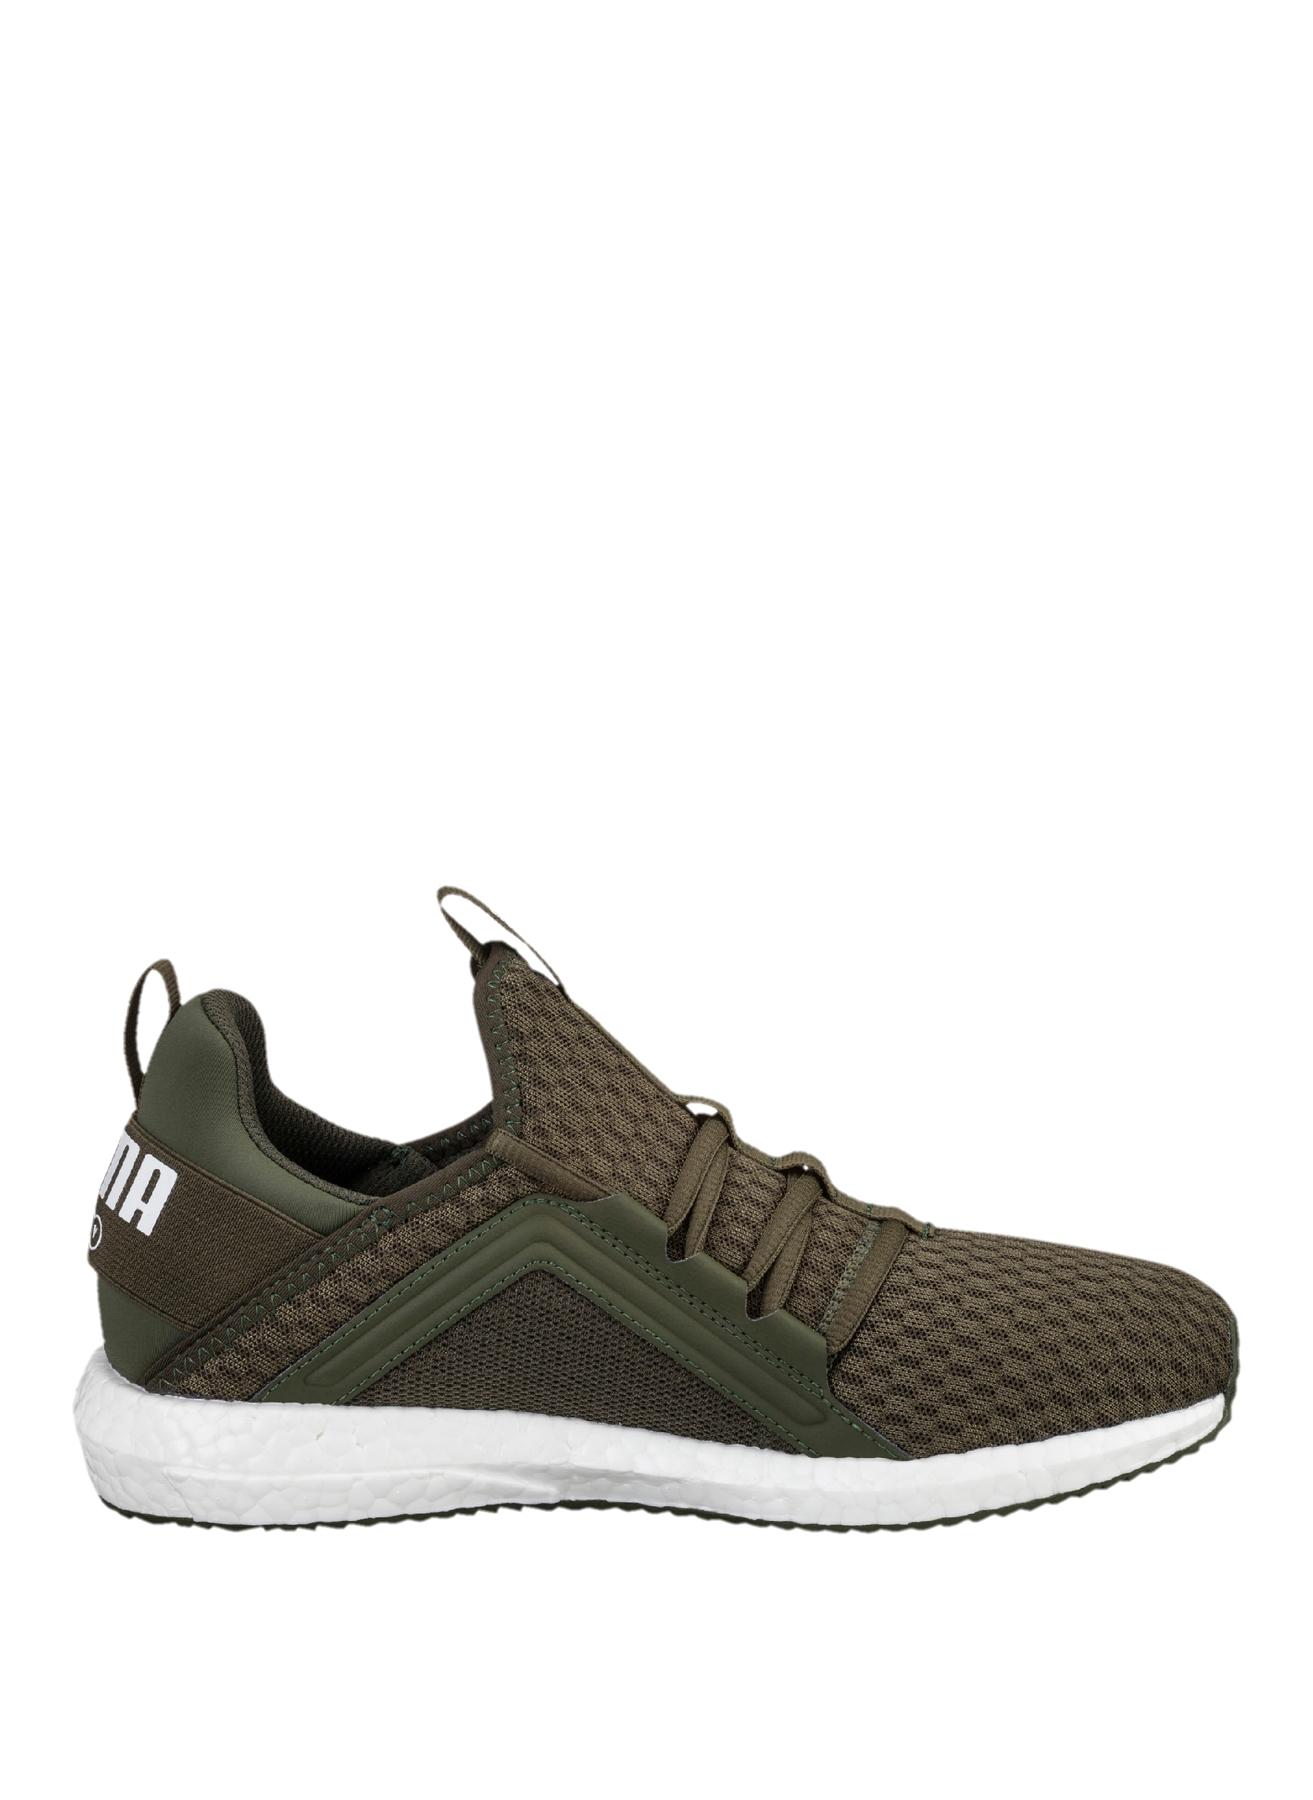 Puma Mega Nrgy Wn S Koşu Ayakkabısı 37 5000200717002 Ürün Resmi